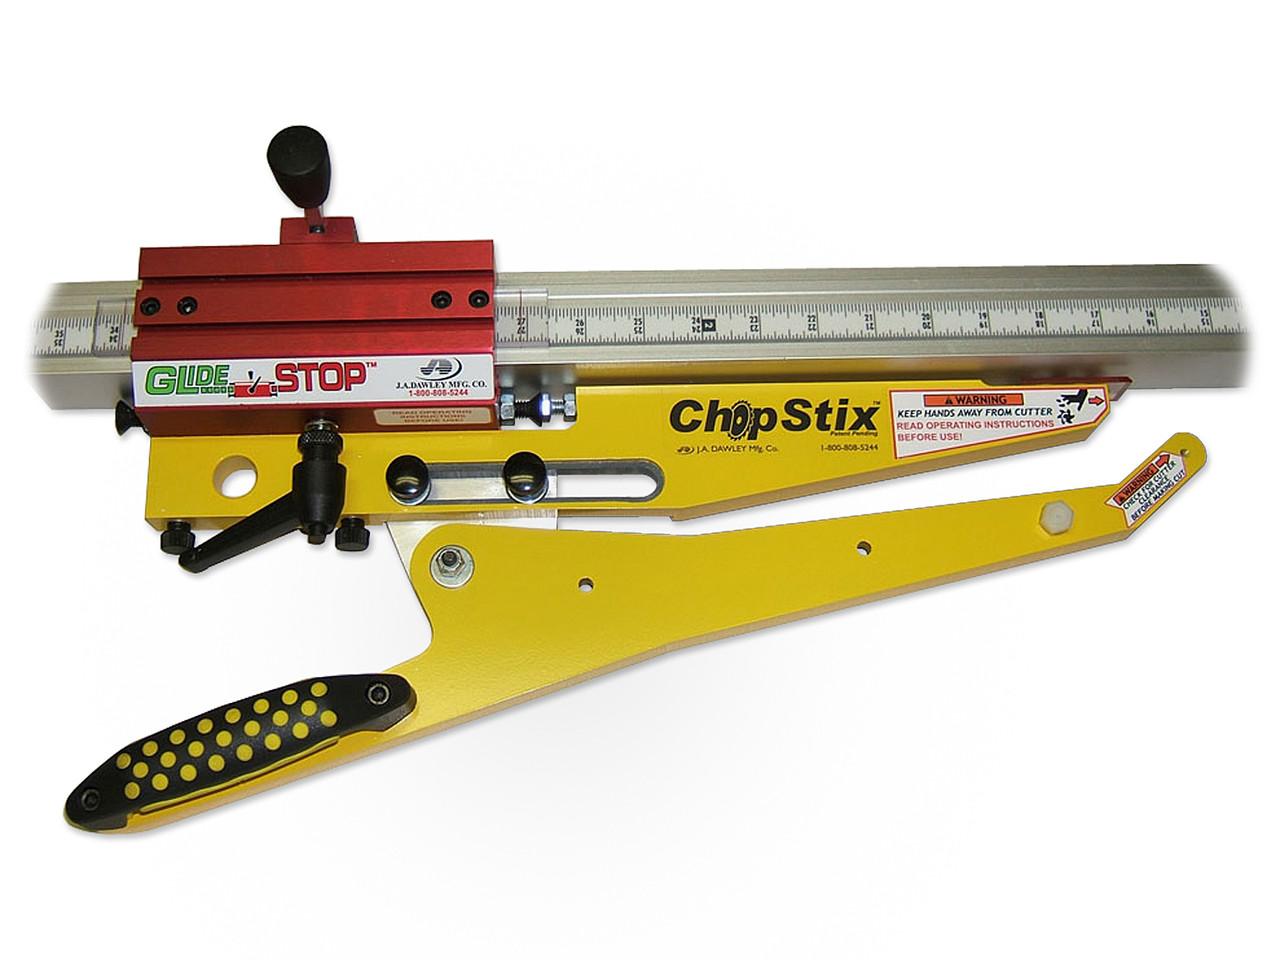 GS-118 - GlideStop-ChopStix, by Hoffmann-USA.com.jpg